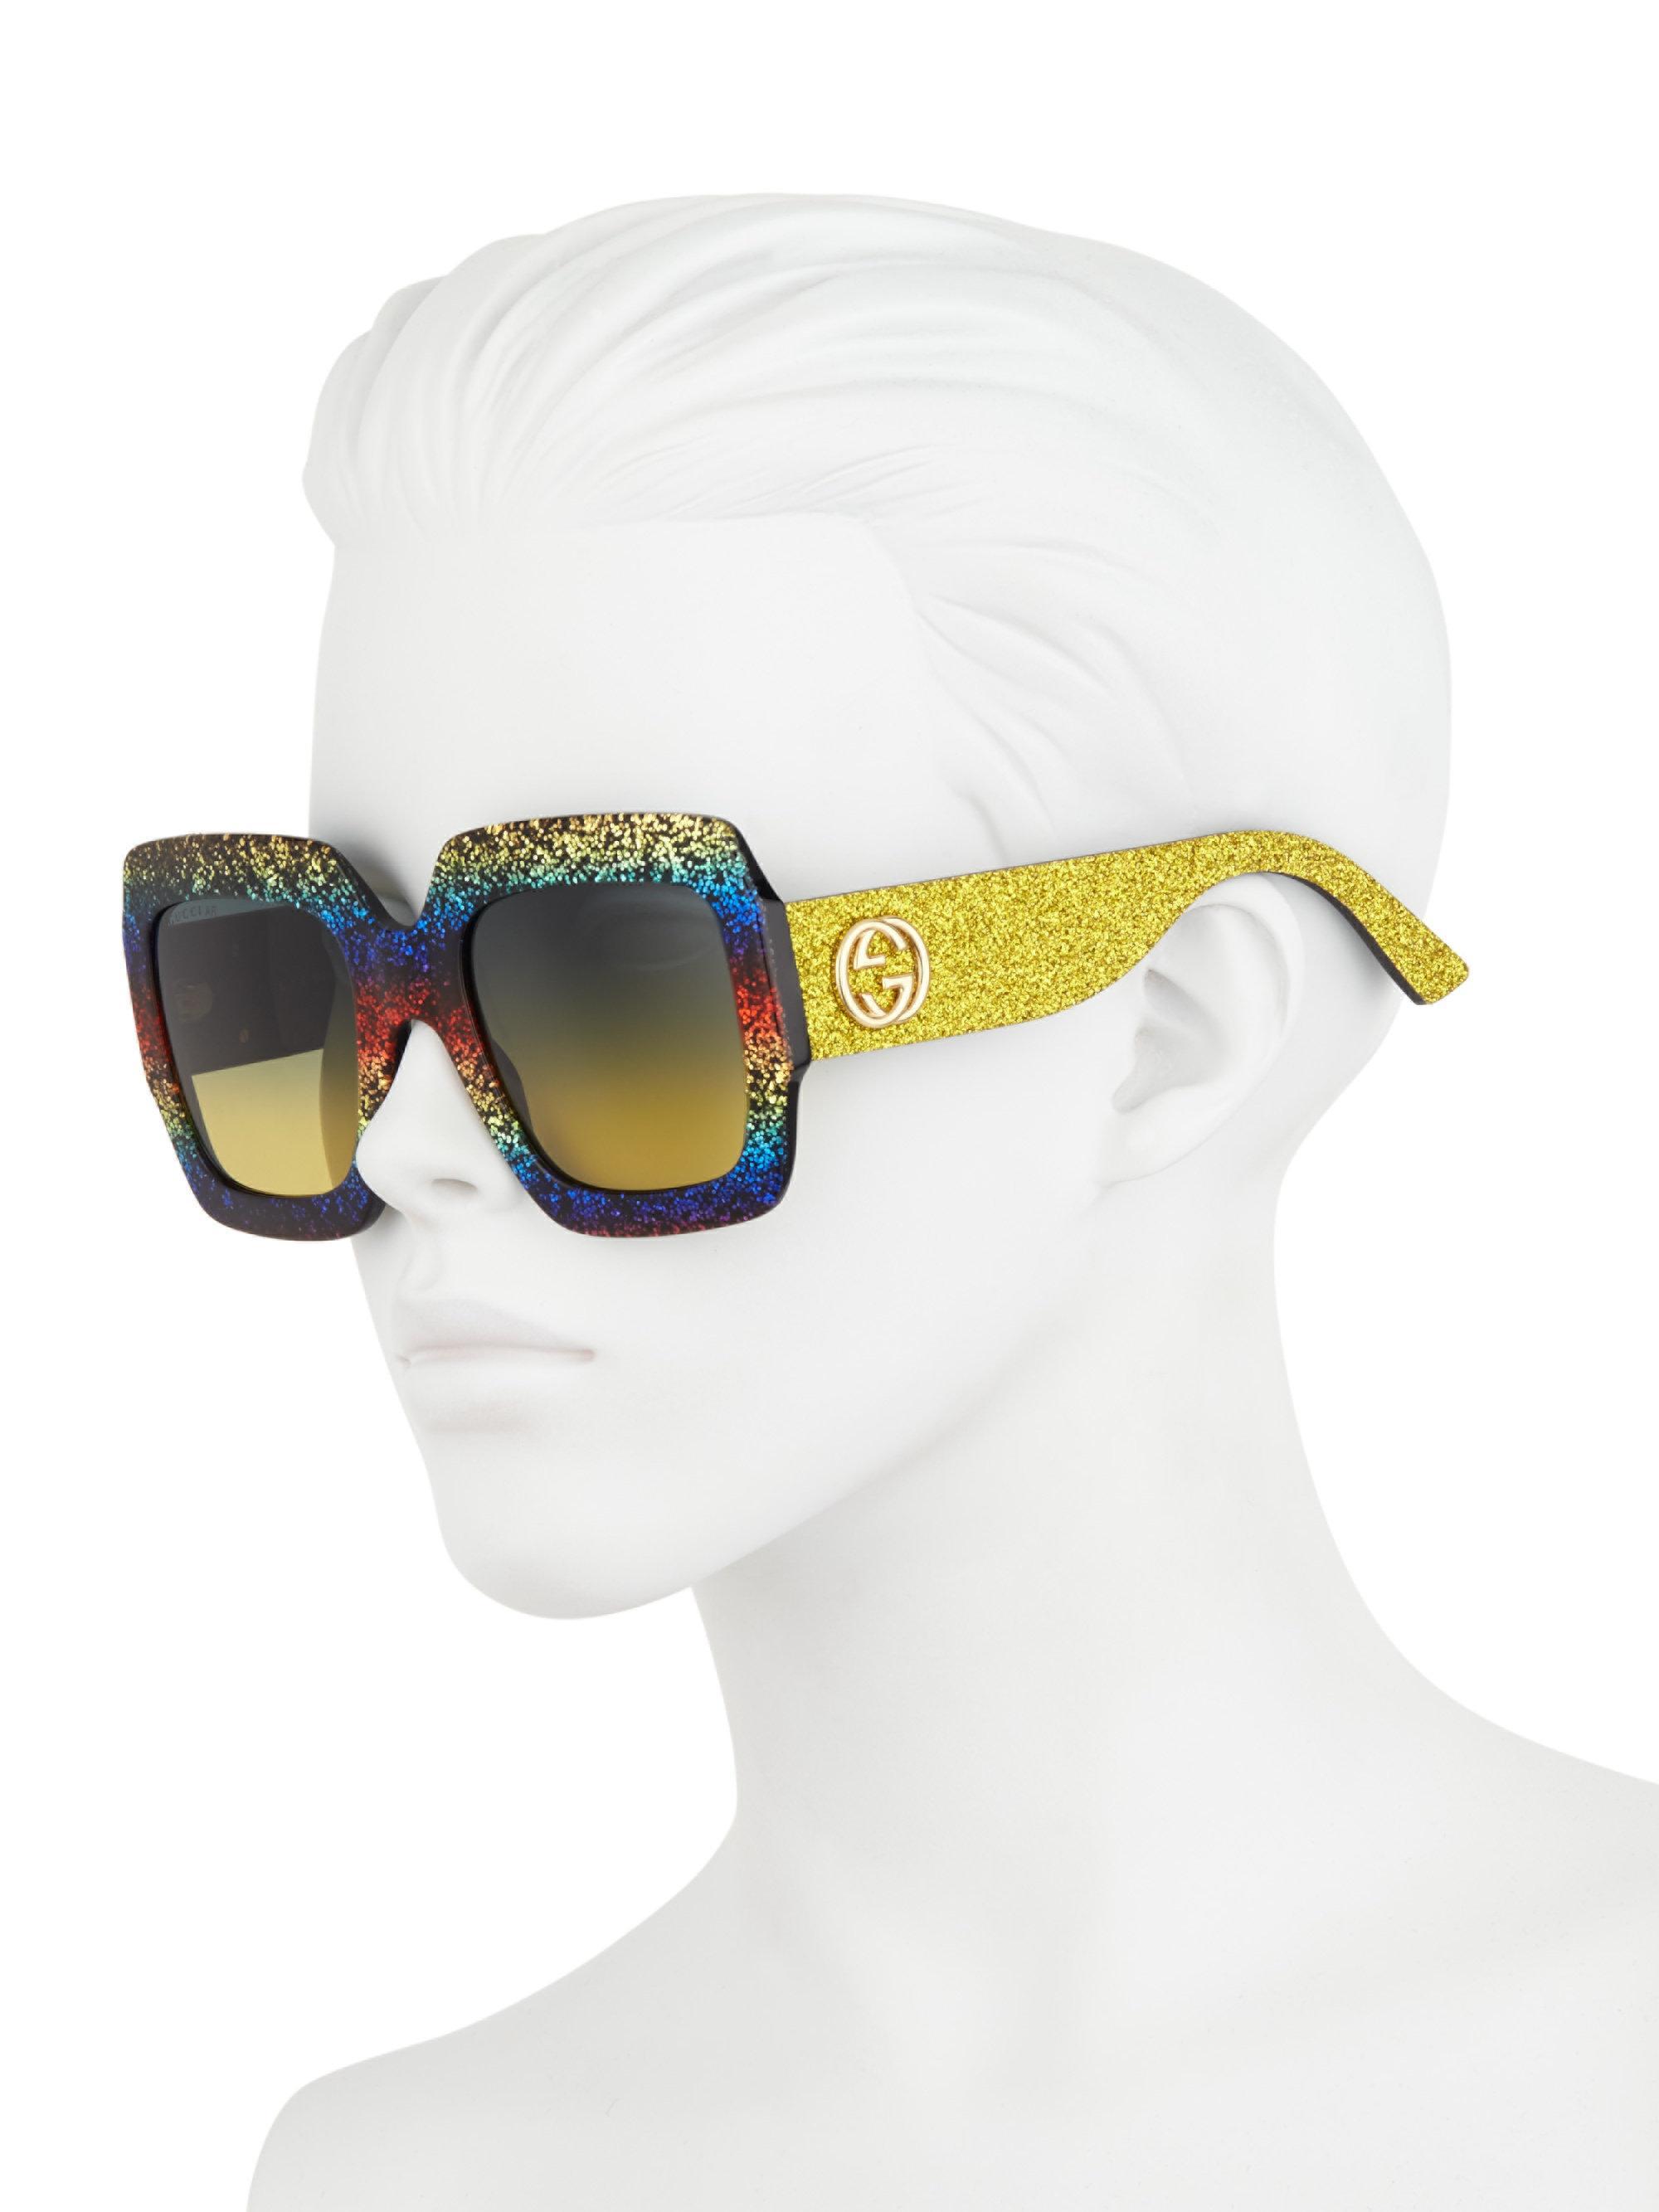 d18ad2c50fe1 Gucci 54mm Glitter Stripe Square Sunglasses - Lyst